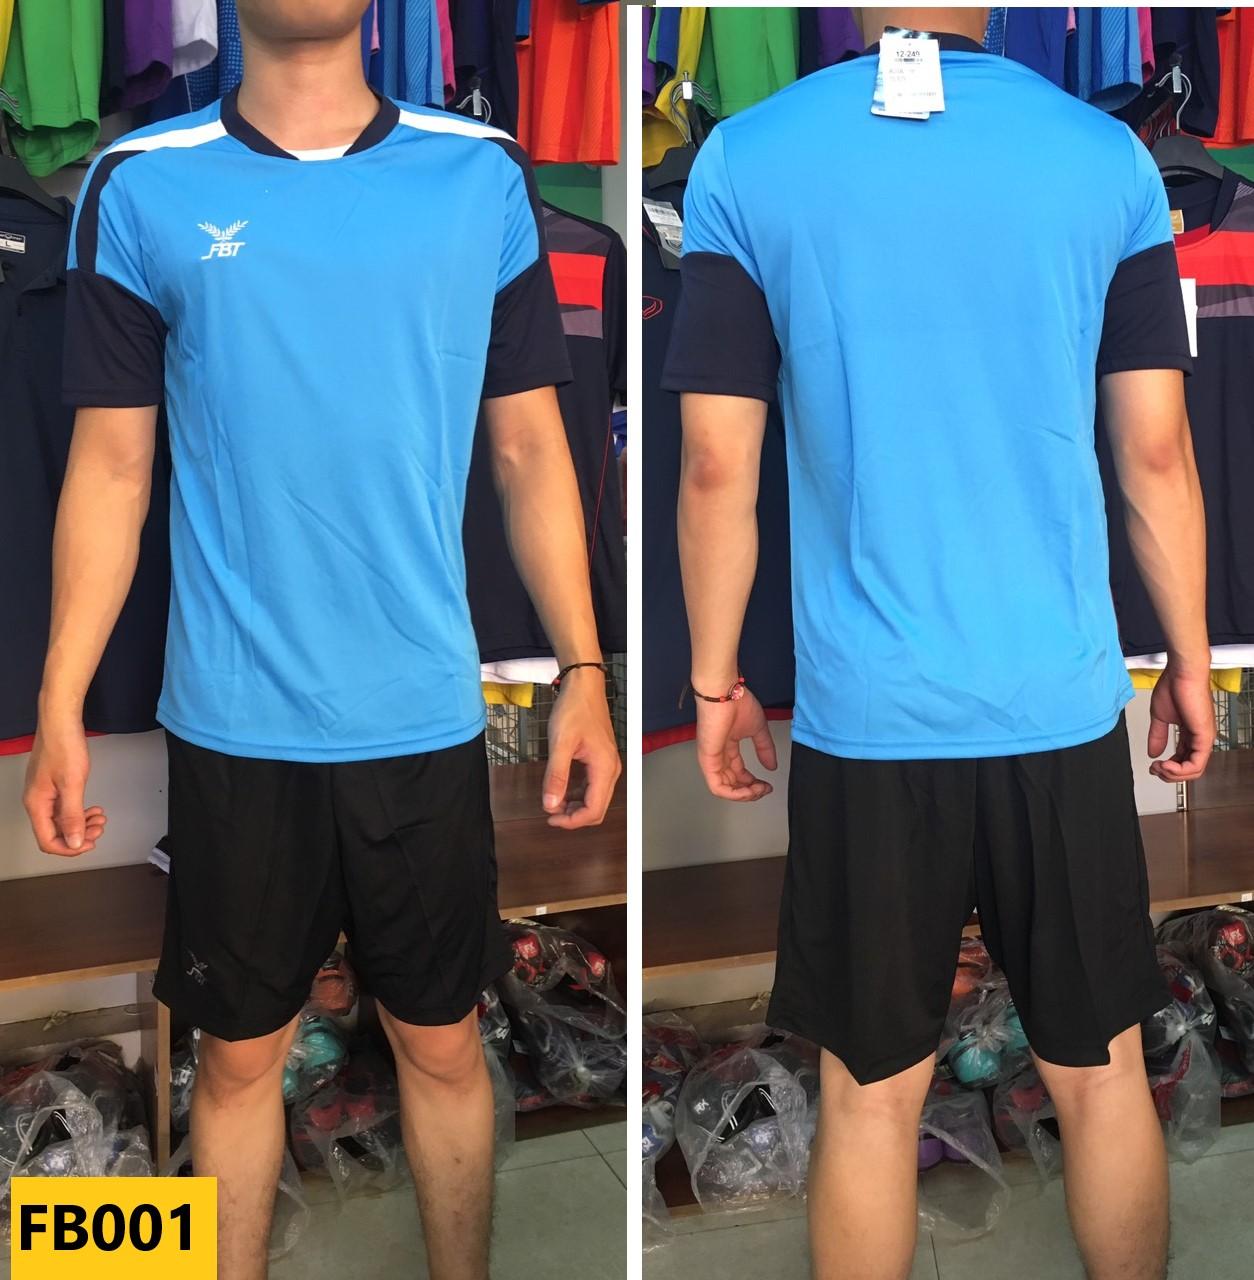 Bộ quần áo đá bóng FBT màu xanh dương/xanh navy - giảm giá 40% cho đơn đội